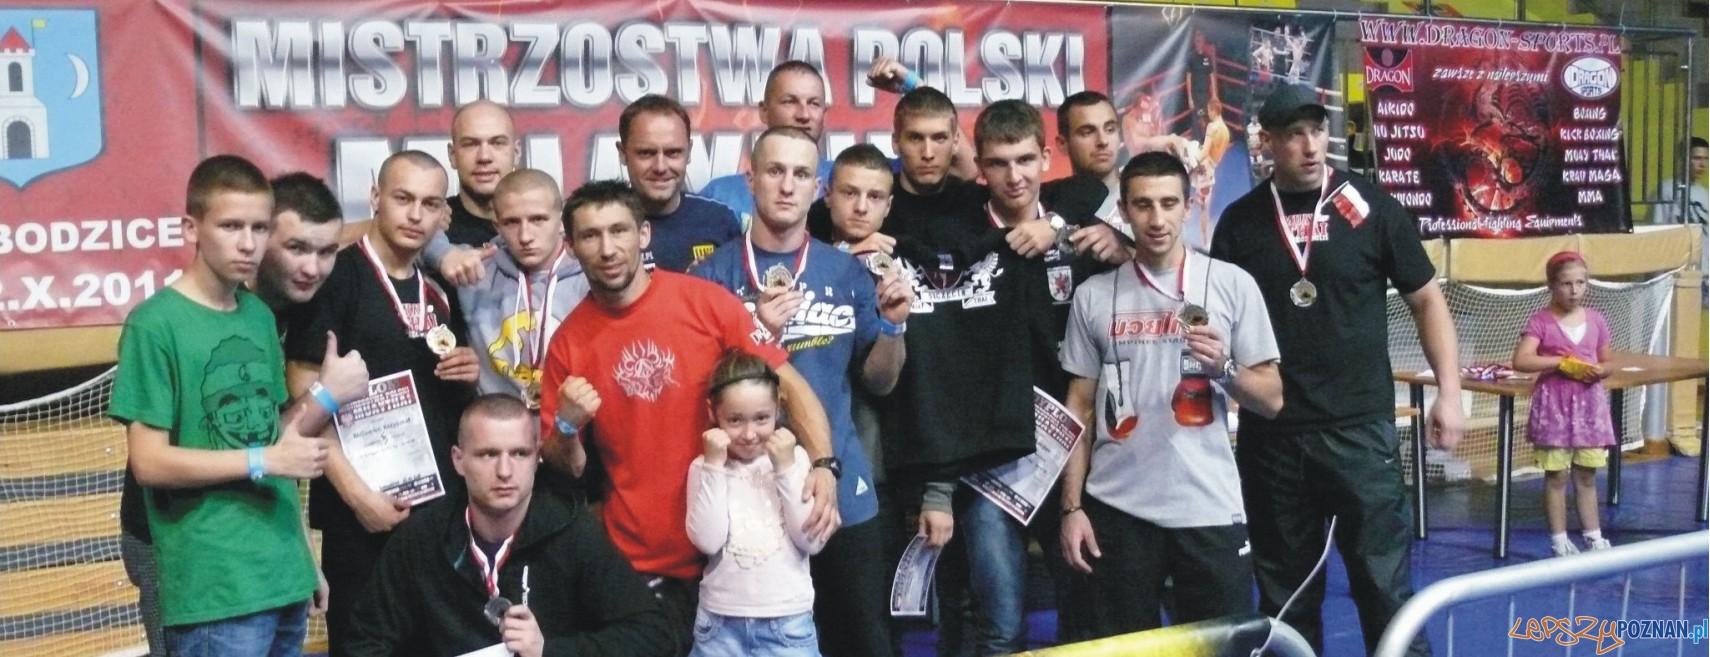 Poznaniacy sięgnęli po kolejne medale - tym razem w boksie tajskim  Foto: klub Kohorta Poznań